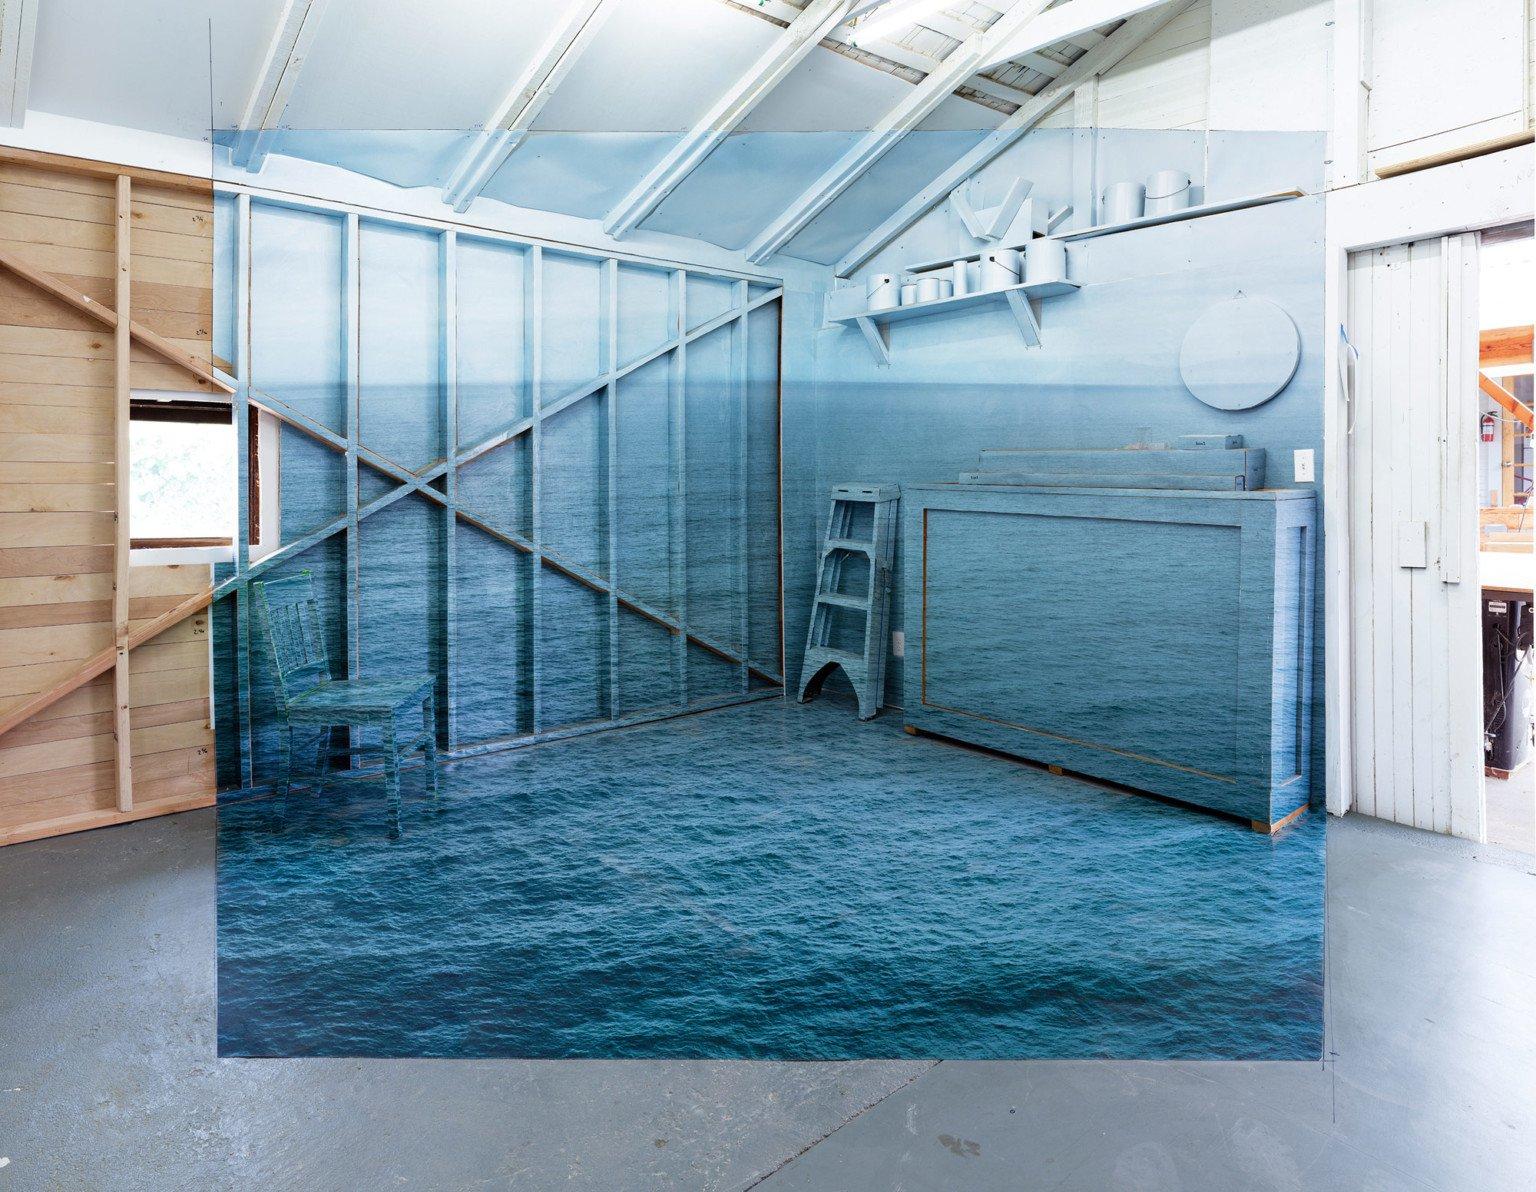 Nestas instalações 3D é possível entrar em fotografias